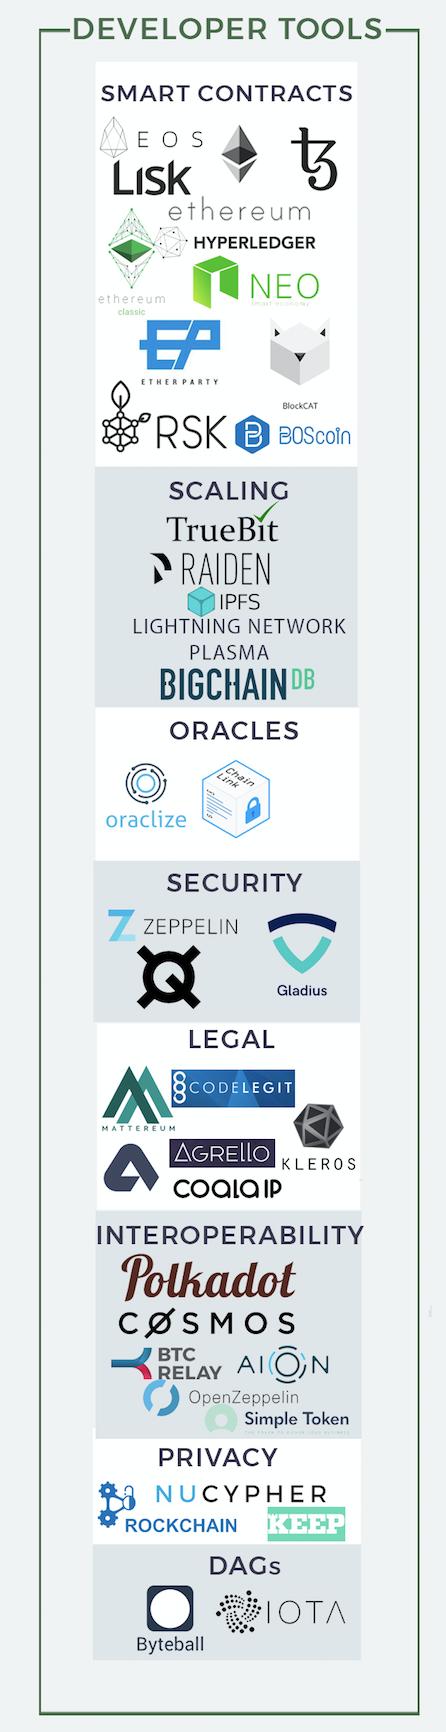 Экосистема блокчейн-проектов - 3